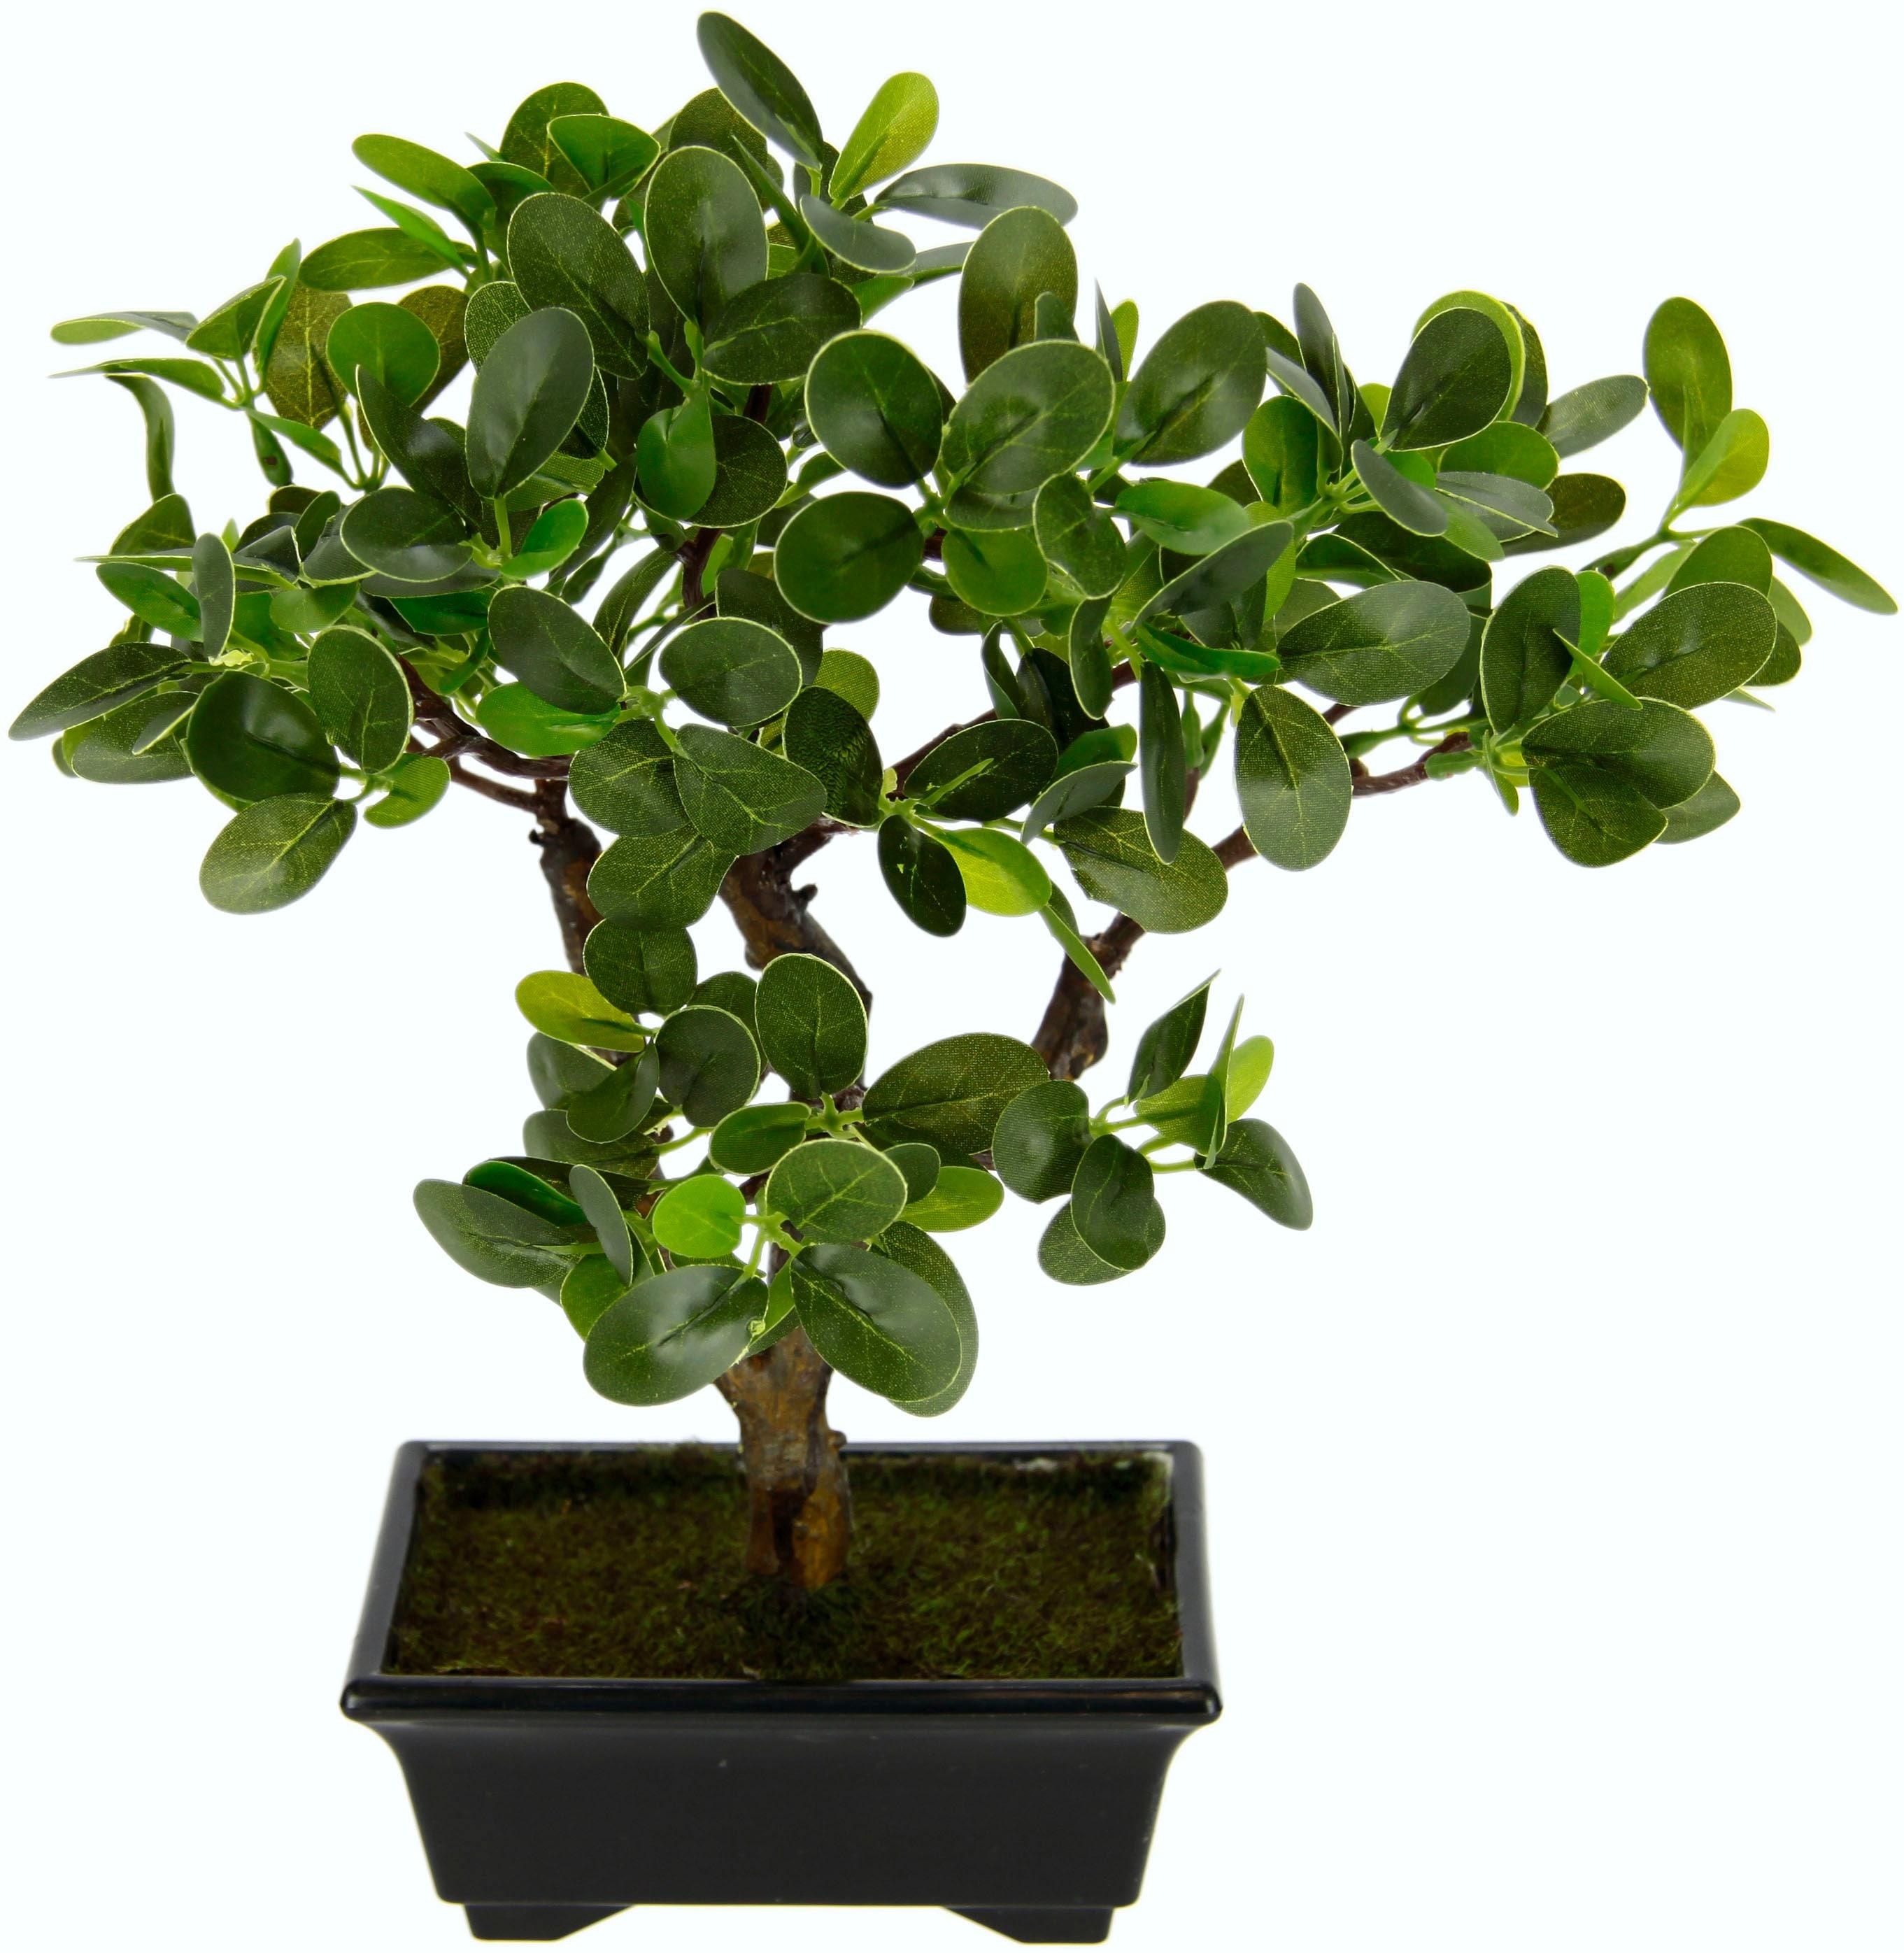 I.GE.A. Kunstbonsai Ginseng-Bonsai, in Bonsaischale aus Kunststoff grün Künstliche Zimmerpflanzen Kunstpflanzen Wohnaccessoires